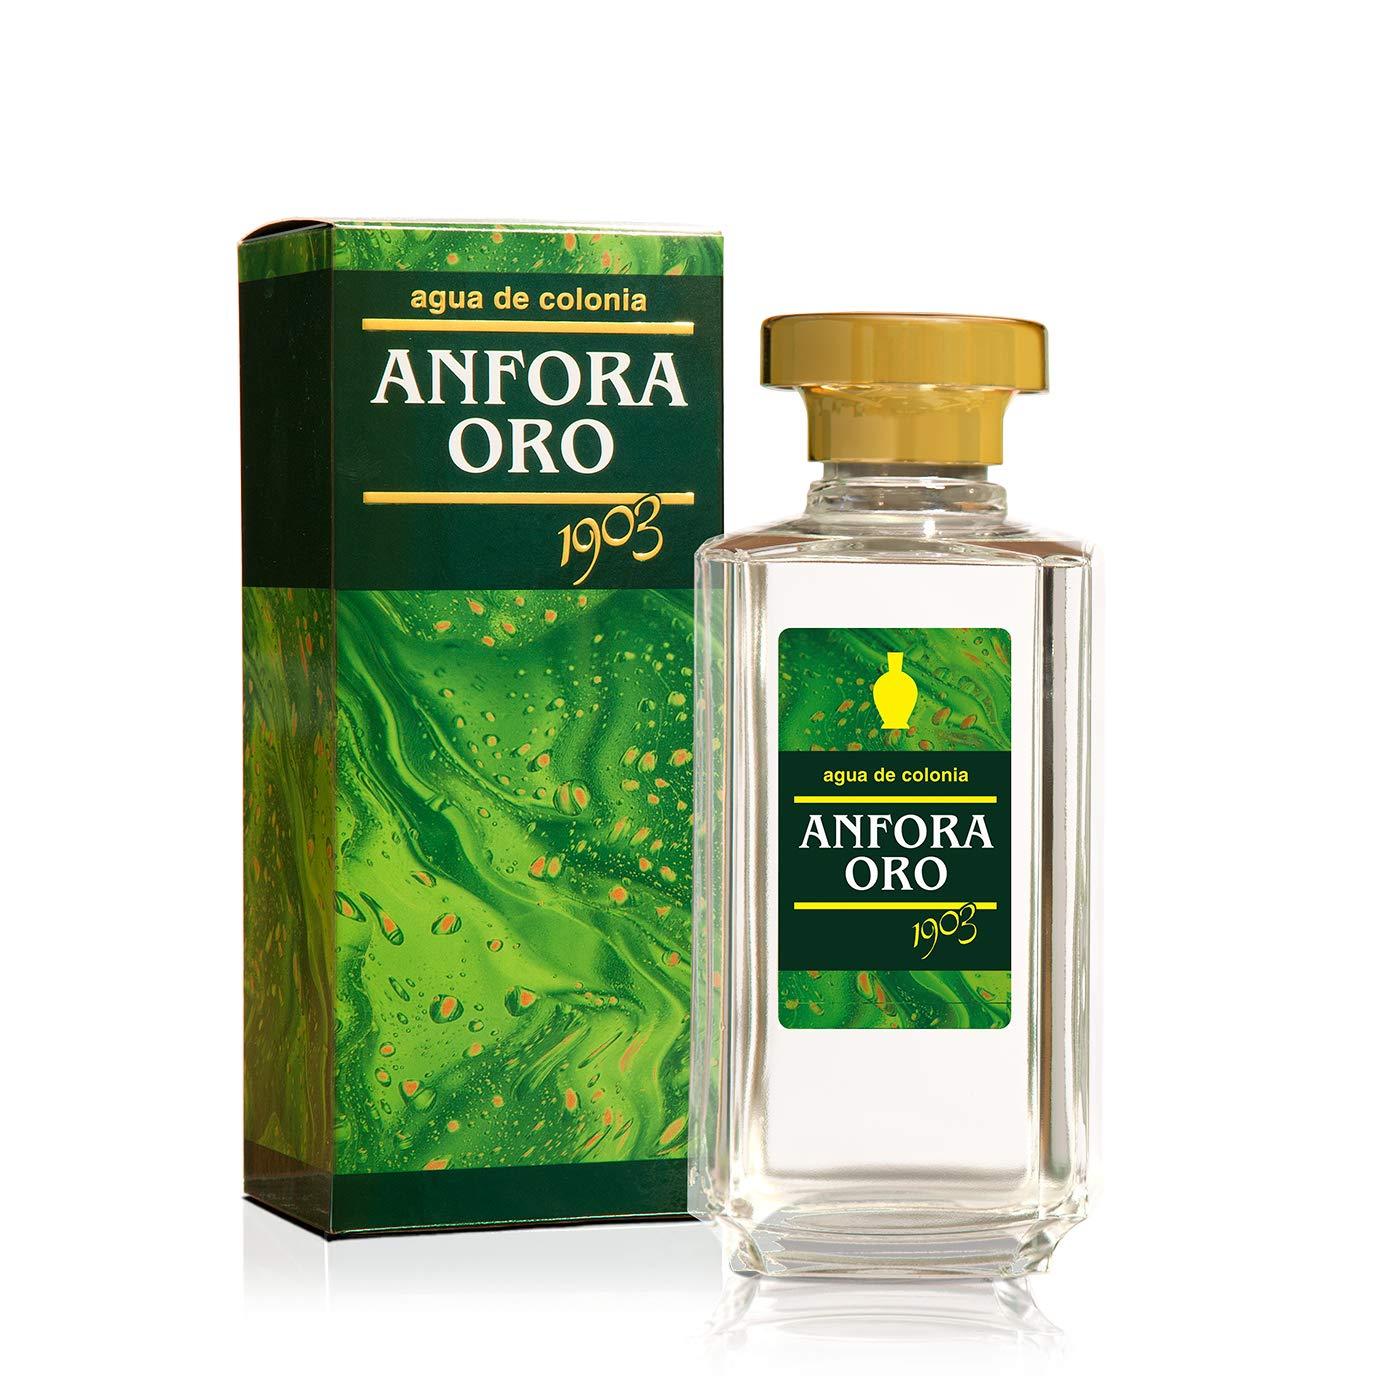 Anfora Oro Agua de Colonia - Instituto Español - 800 ML